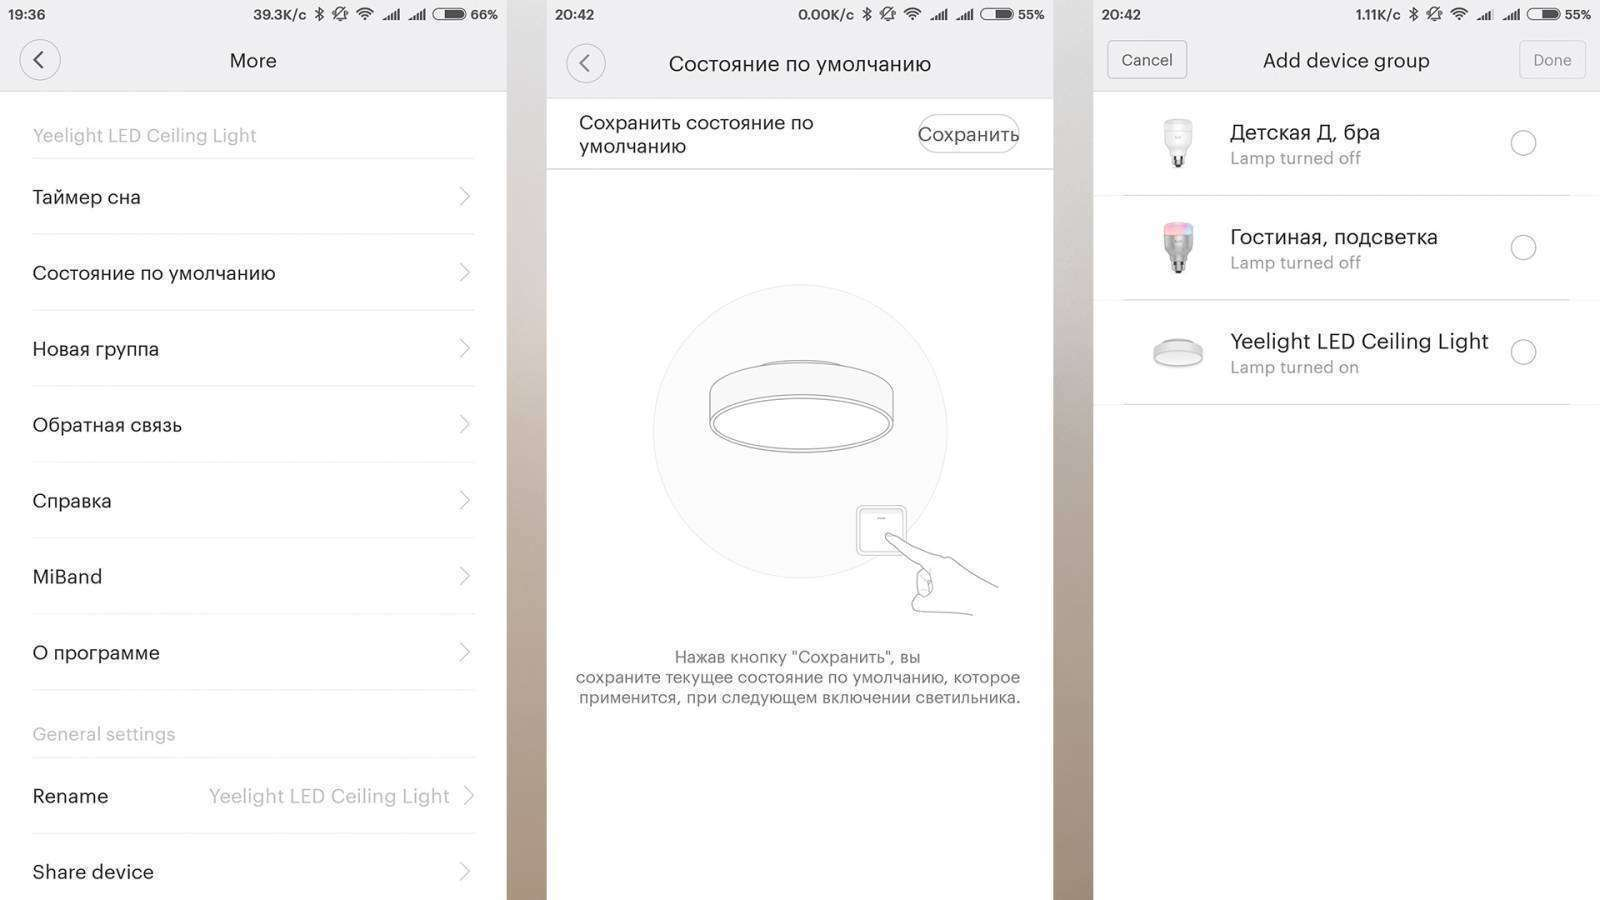 GearBest: Потолочный светильник Yeelight Smart LED, для умного дома Xiaomi